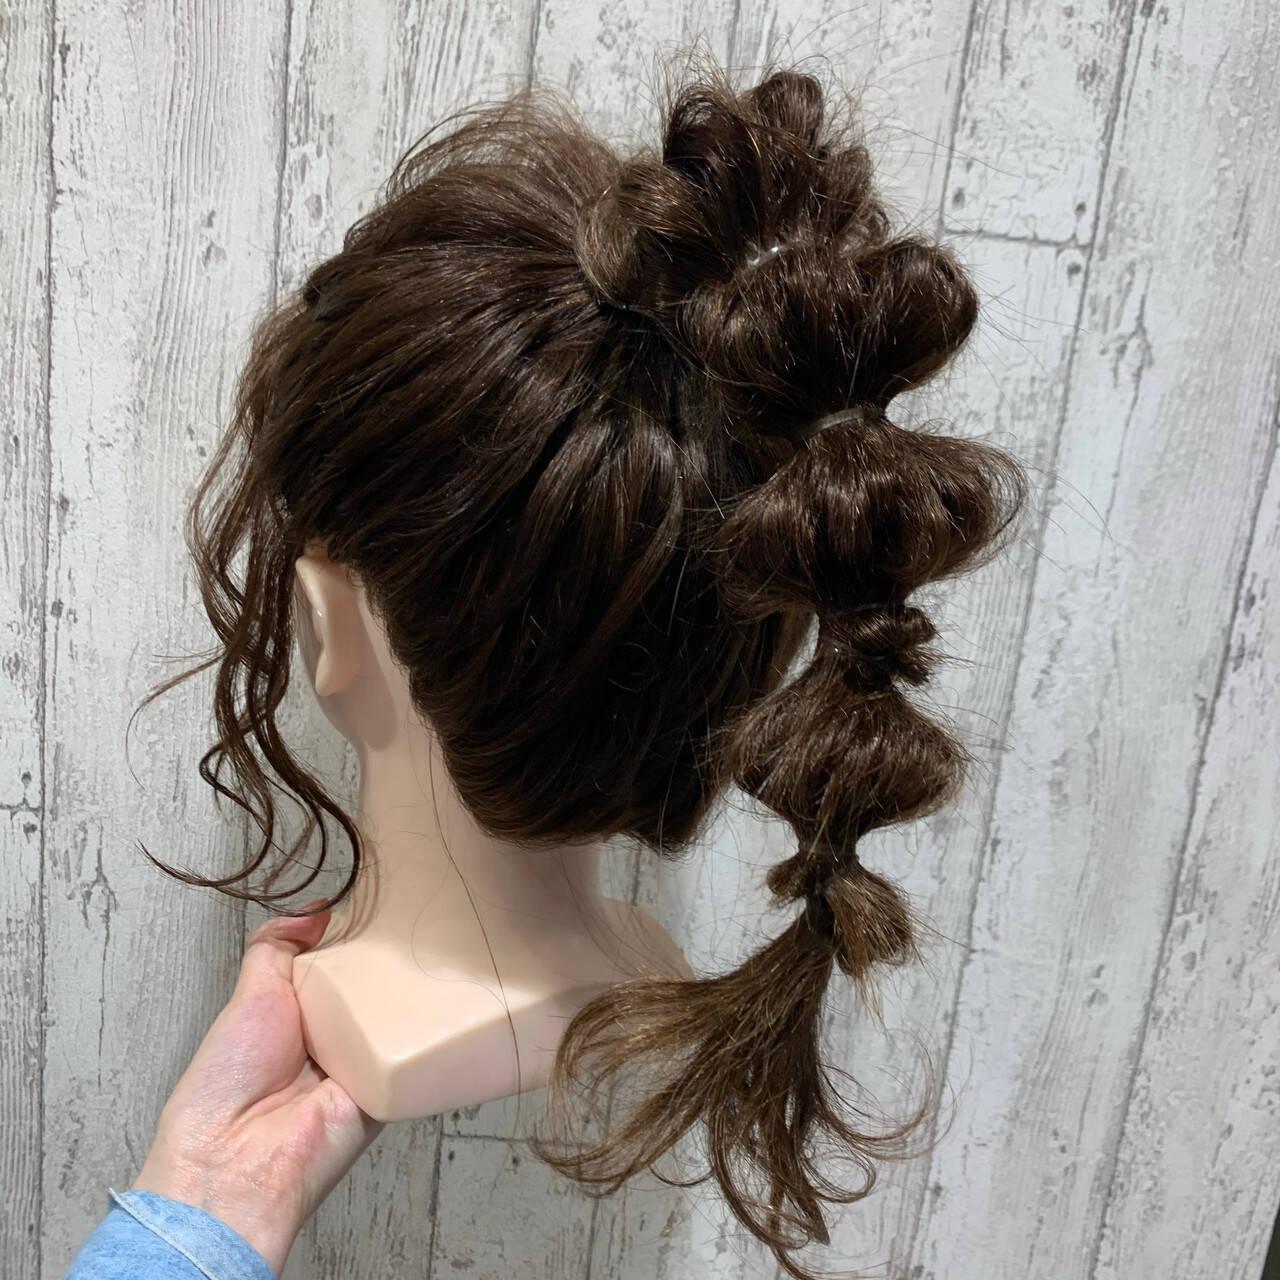 ポニーテールアレンジ 簡単ヘアアレンジ ポニーテール ヘアアレンジヘアスタイルや髪型の写真・画像